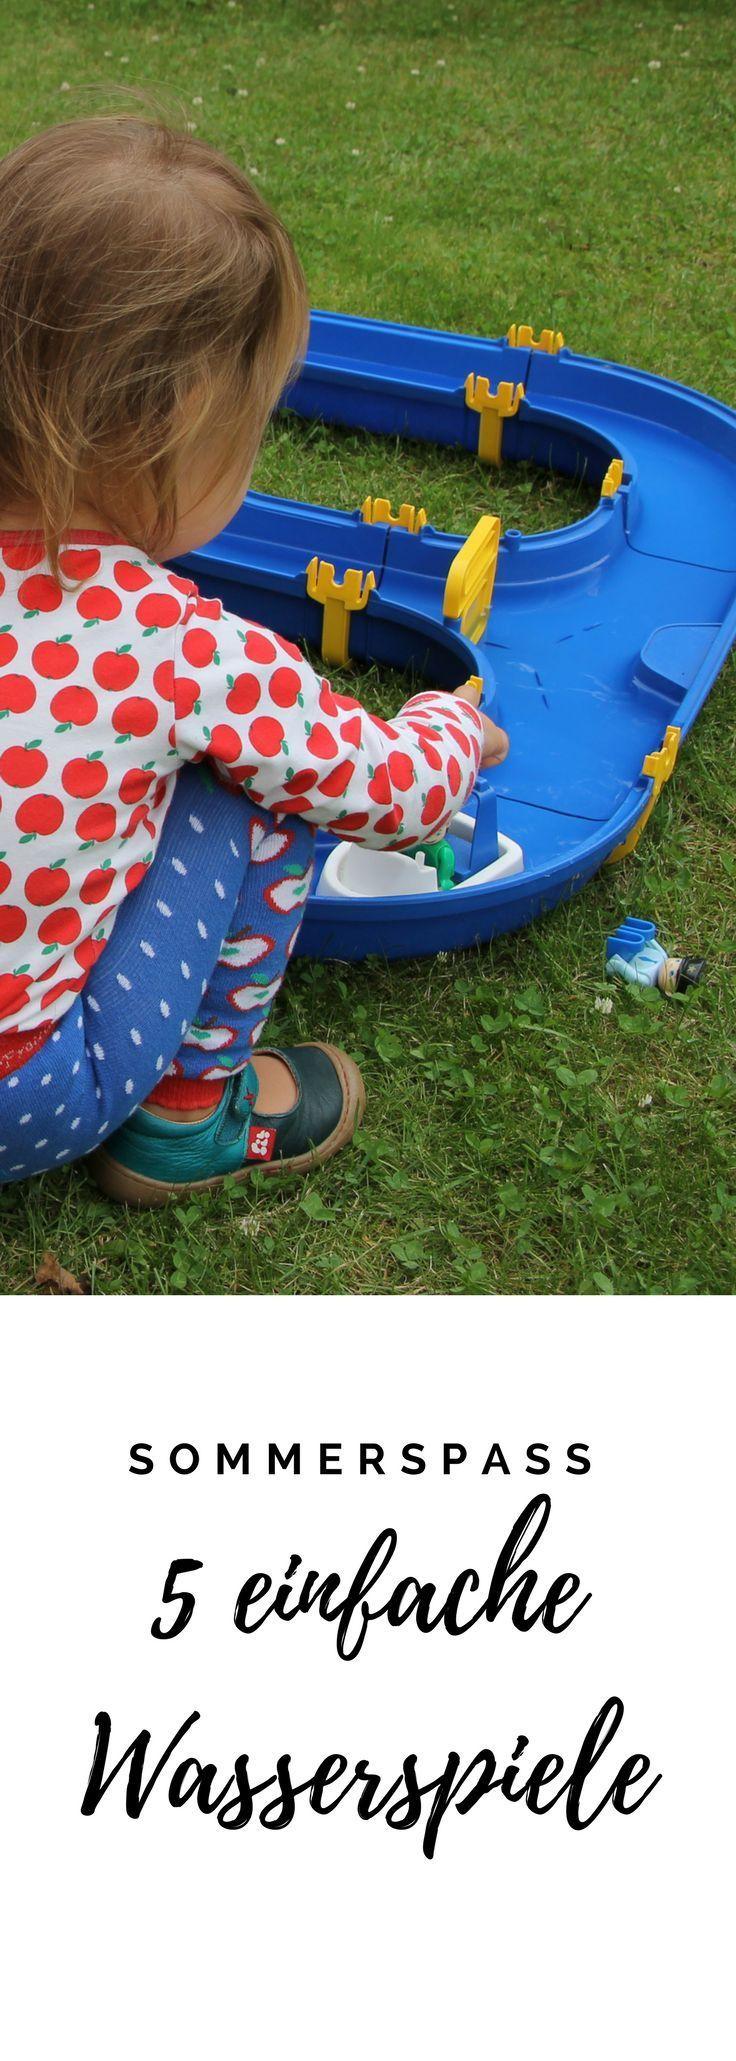 5 Ideen Für Spiele Mit Wasser Im Garten Lavendelblog Spiele Mit Wasser Wasserspiele Kinder Wasserspiele